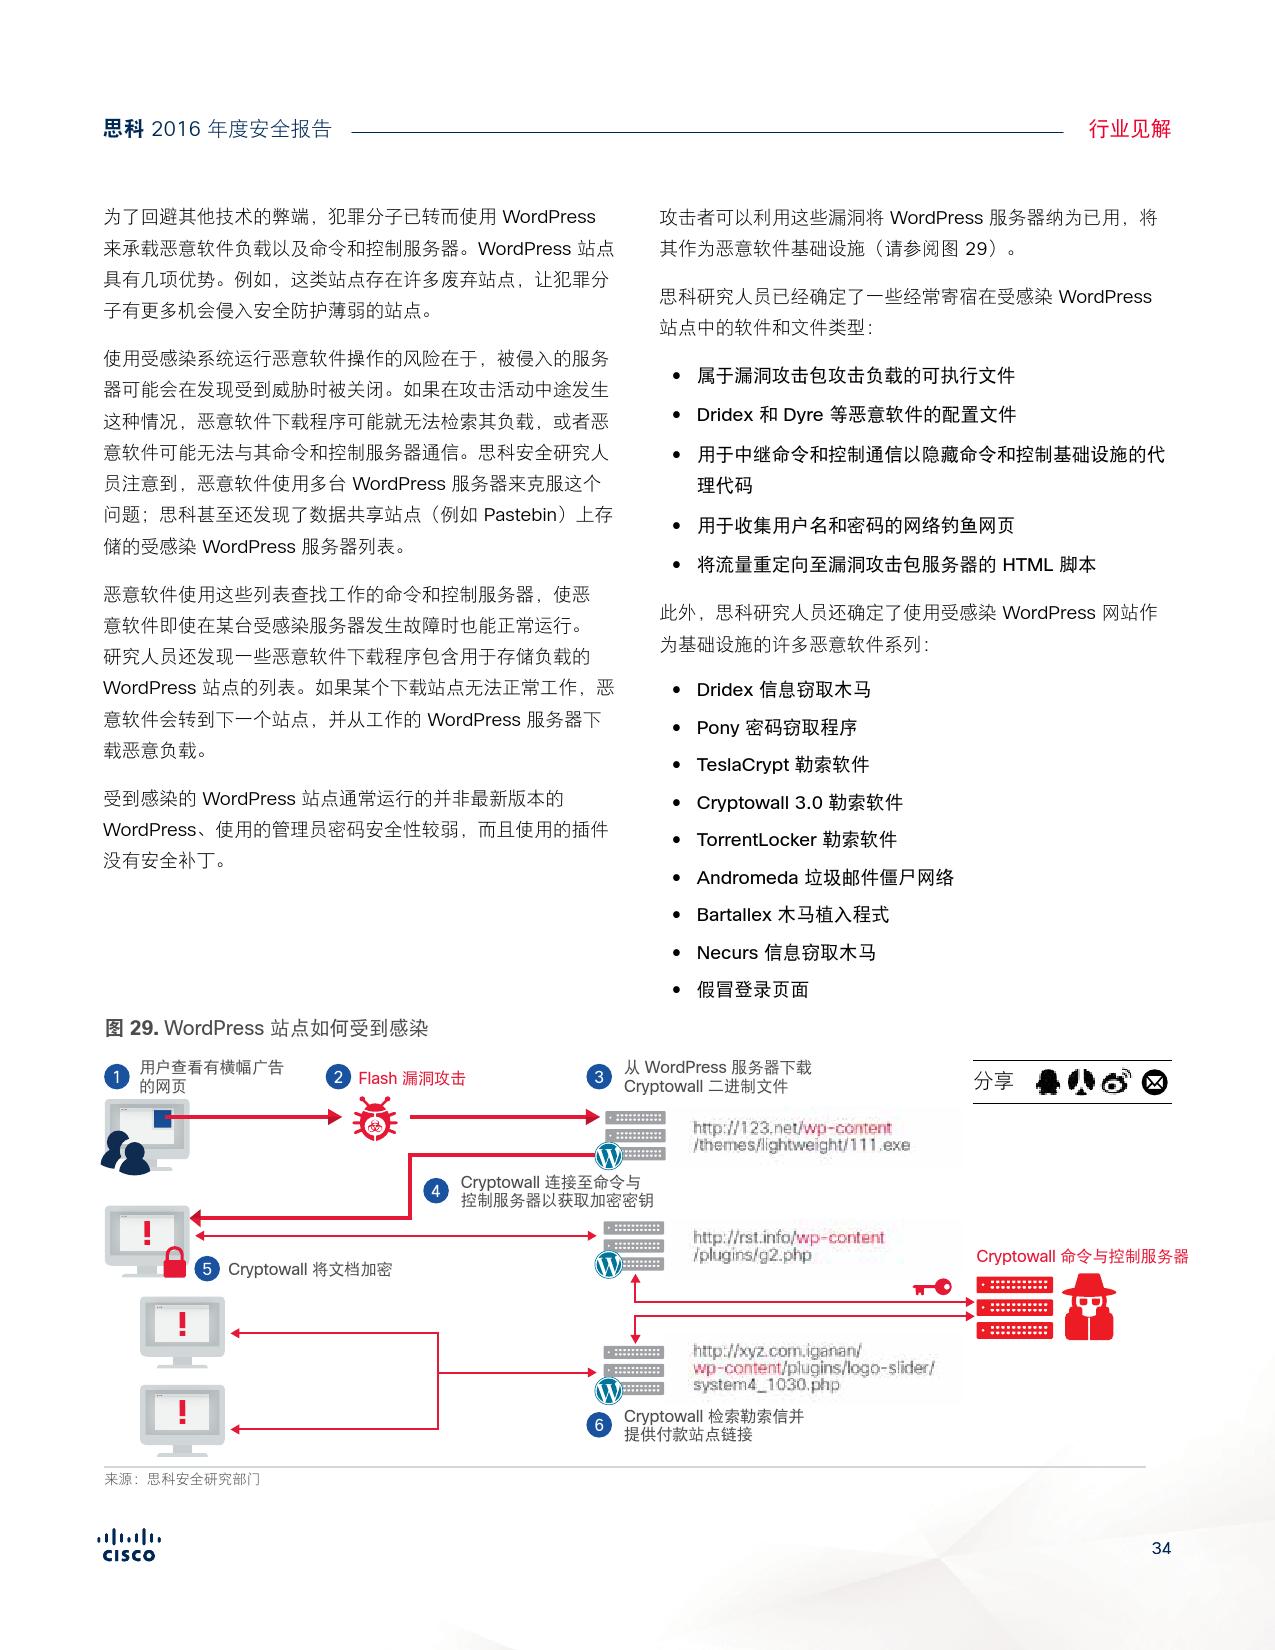 2016年中网络安全报告_000034